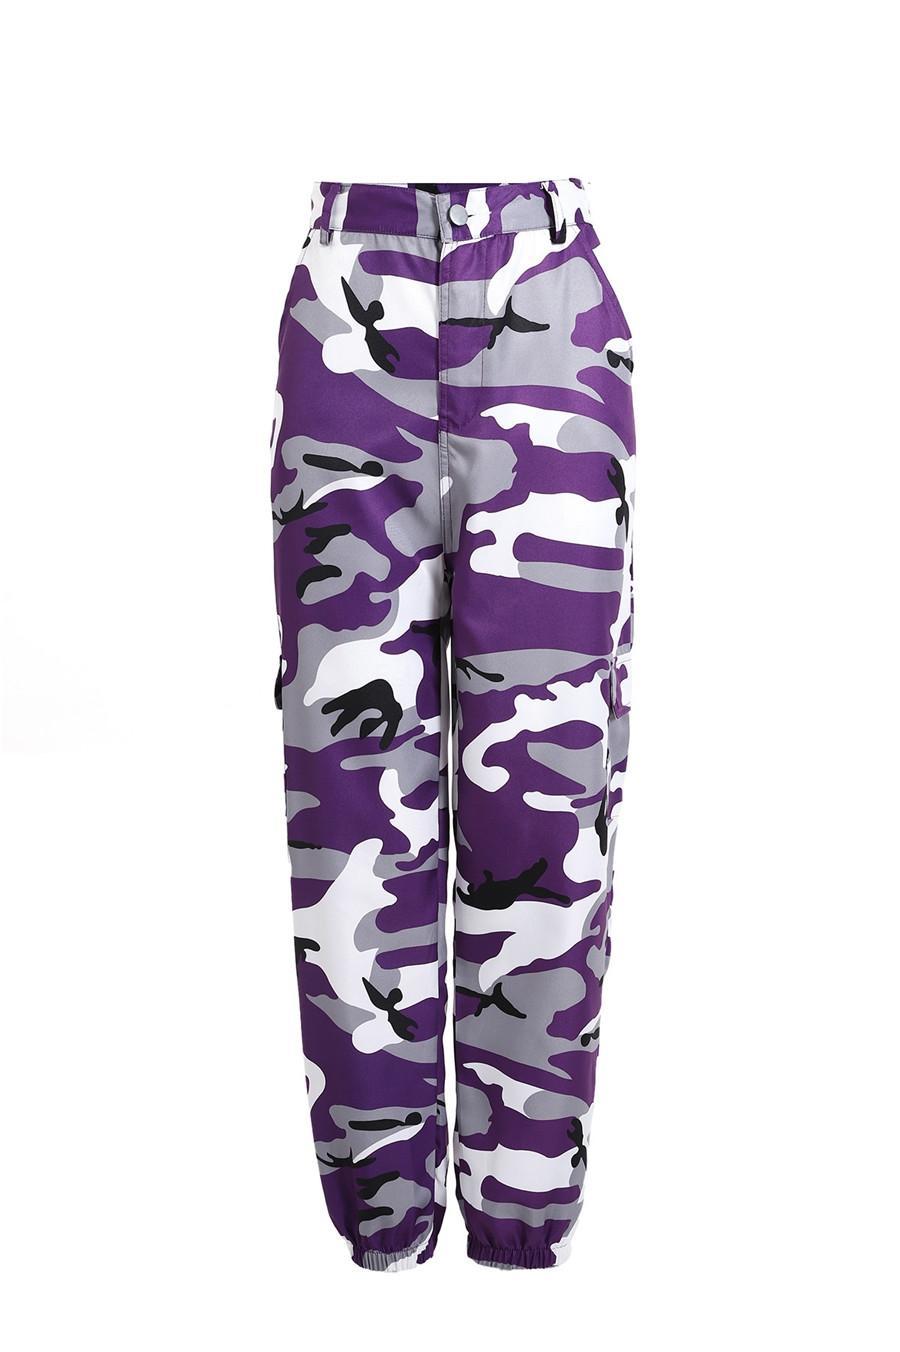 Nuevas camisas de los pantalones vaqueros flacos ocasionales adelgazan motorista Jeans Denim rodilla agujero Hiphop Pantalones rotos lavado de envío de alta calidad # 394